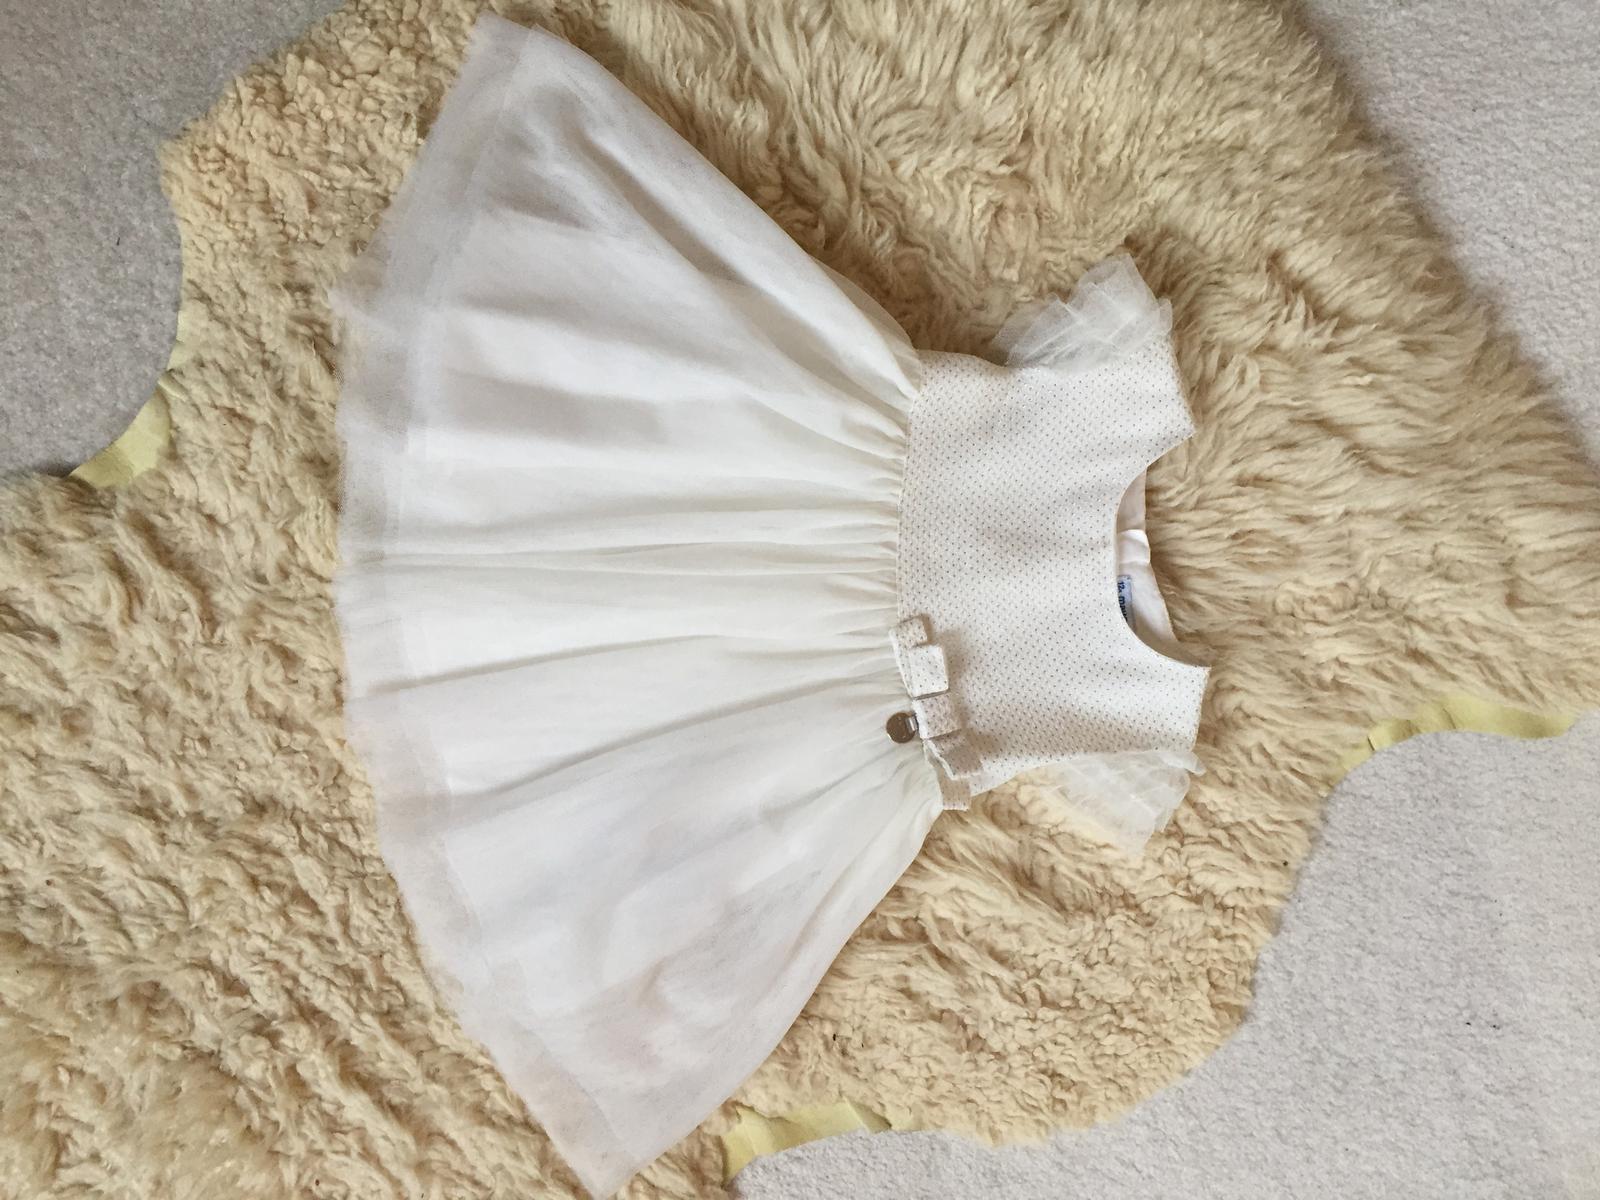 Svatební šaty pro malou družičku - Majoral - Obrázek č. 1